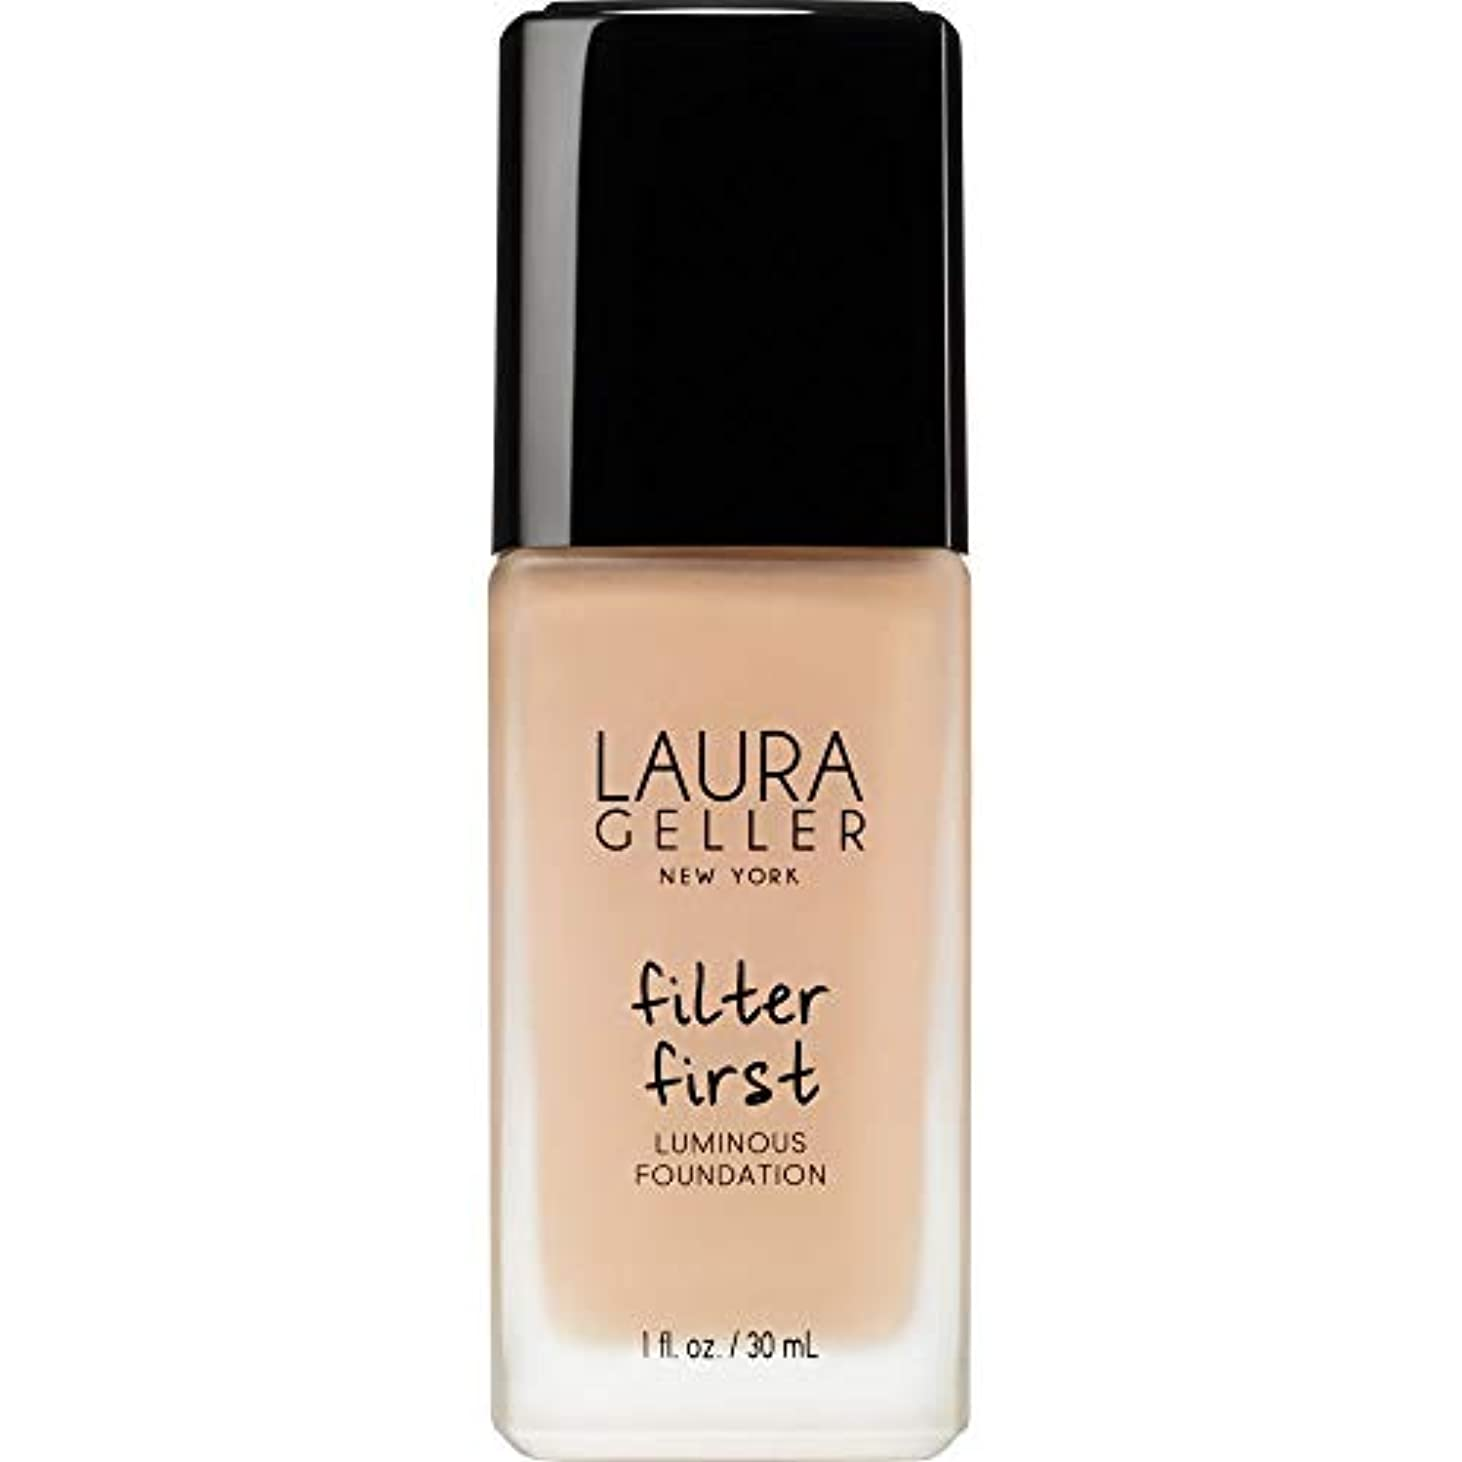 血まみれの毒性消化[Laura Geller] ローラ?ゲラーは、最初の発光基盤の30ミリリットルのバフをフィルタリング - Laura Geller Filter First Luminous Foundation 30ml Buff...